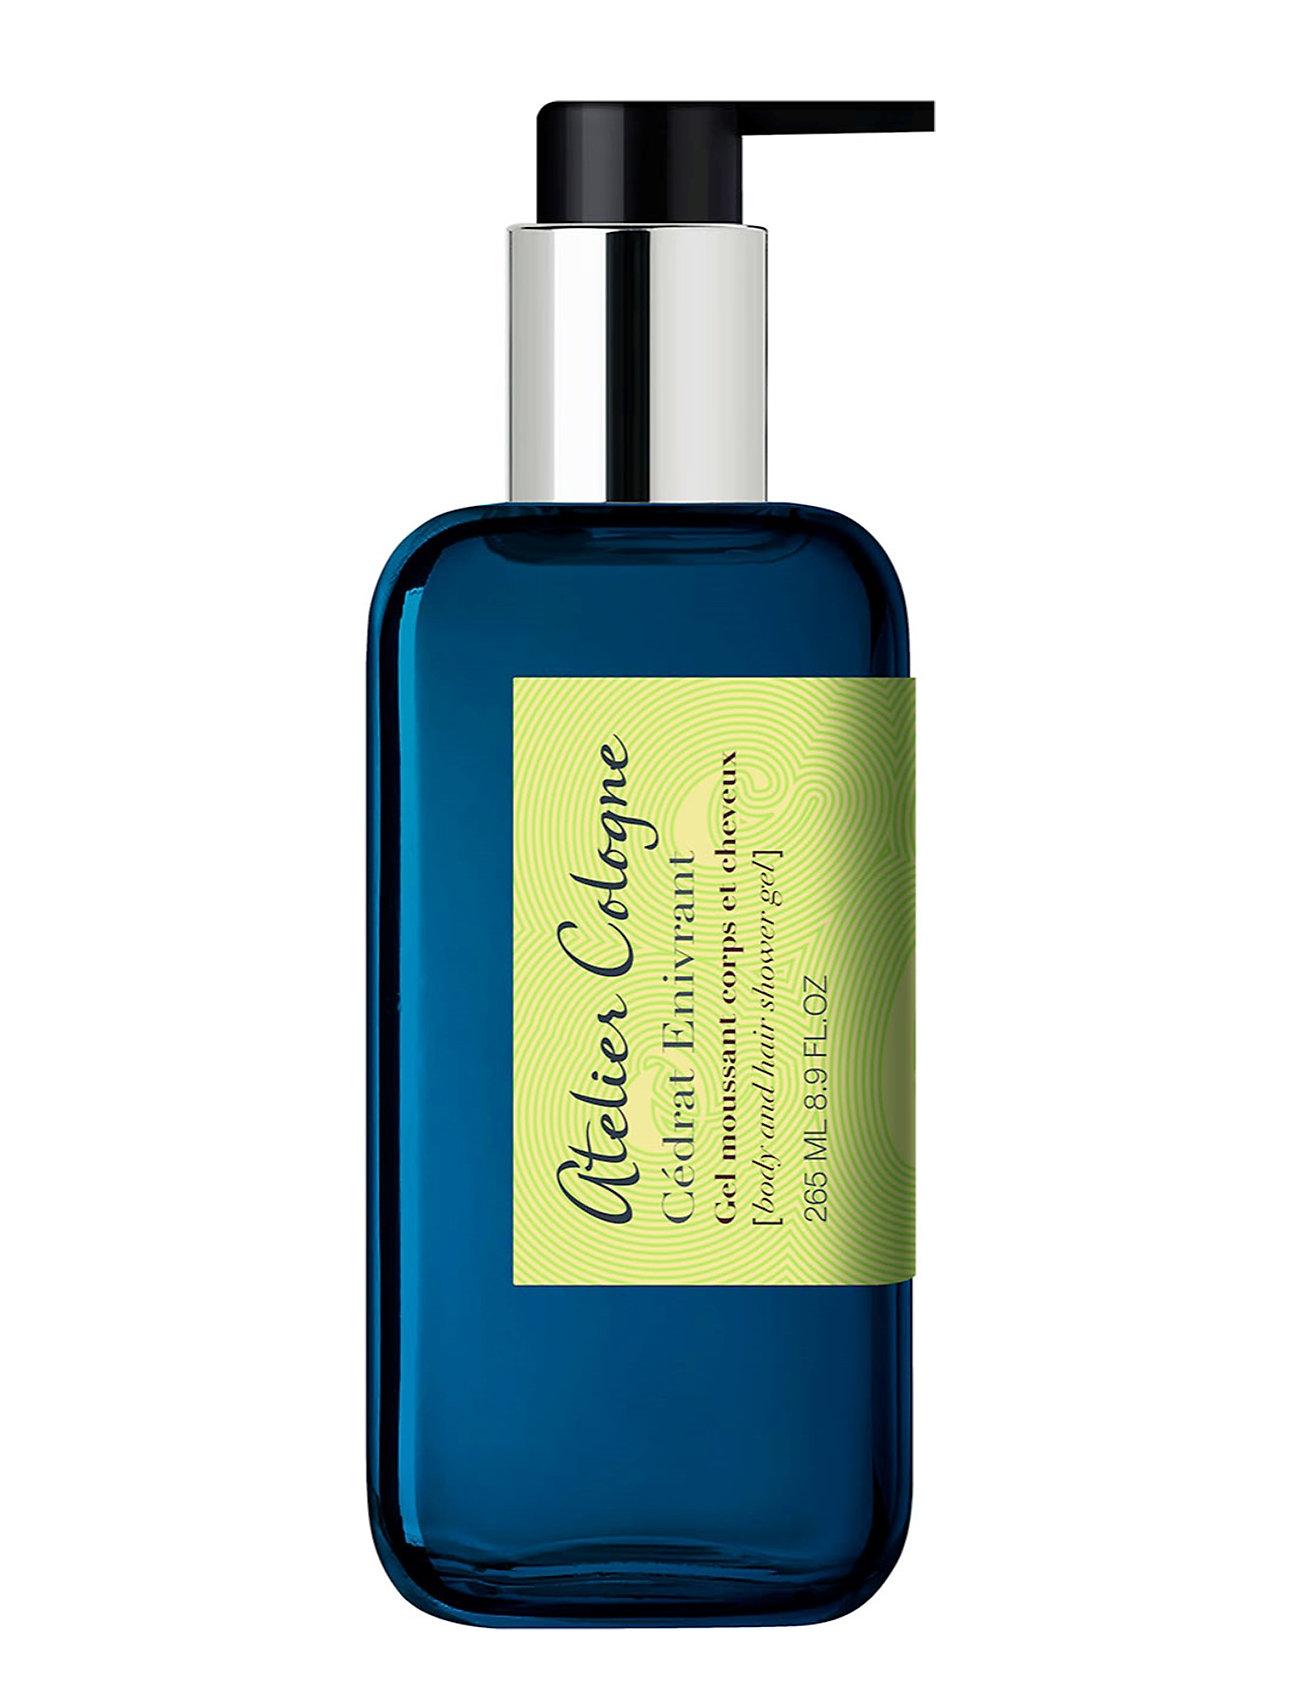 Cã‰drat enivrant body & hair shampoo 265 fra atelier cologne på boozt.com dk